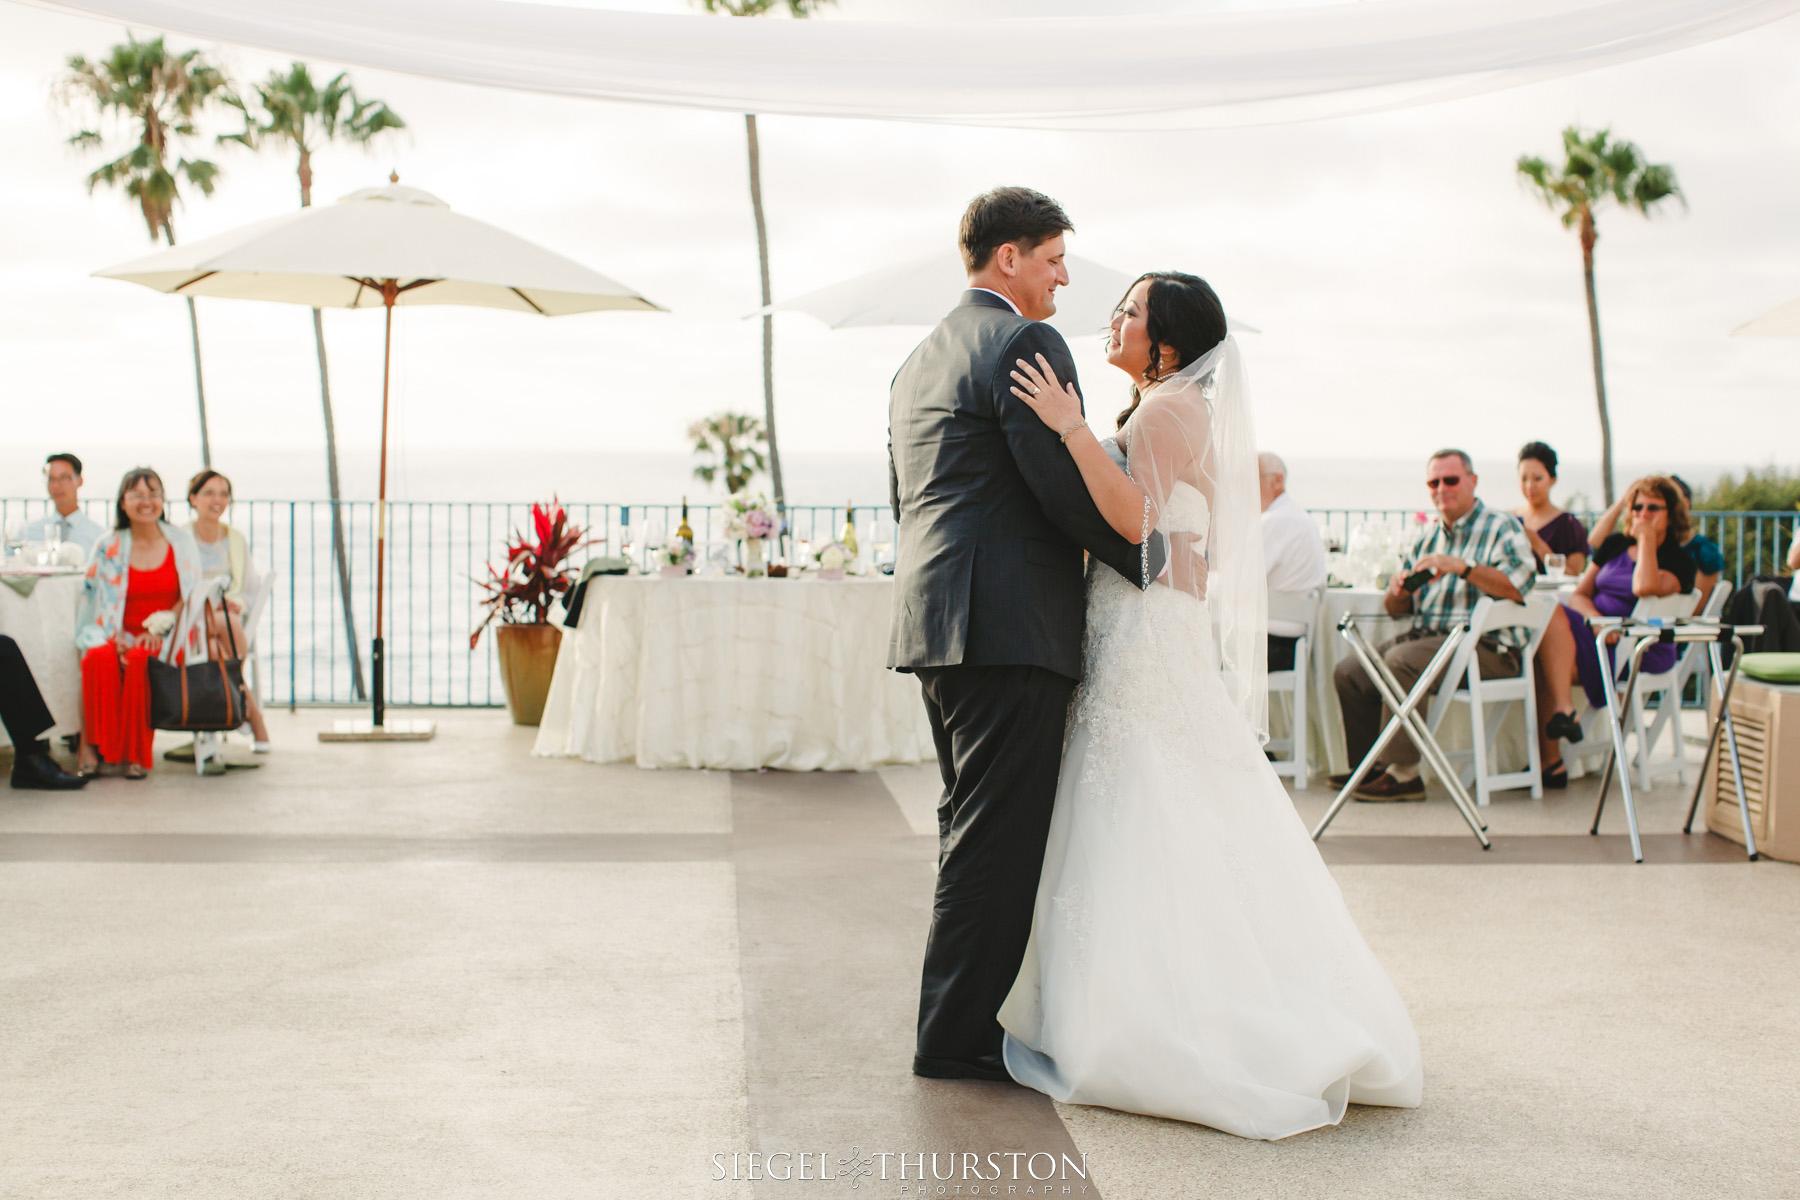 Fine La Jolla Cove Suites Wedding Images - Wedding Plan Ideas ...